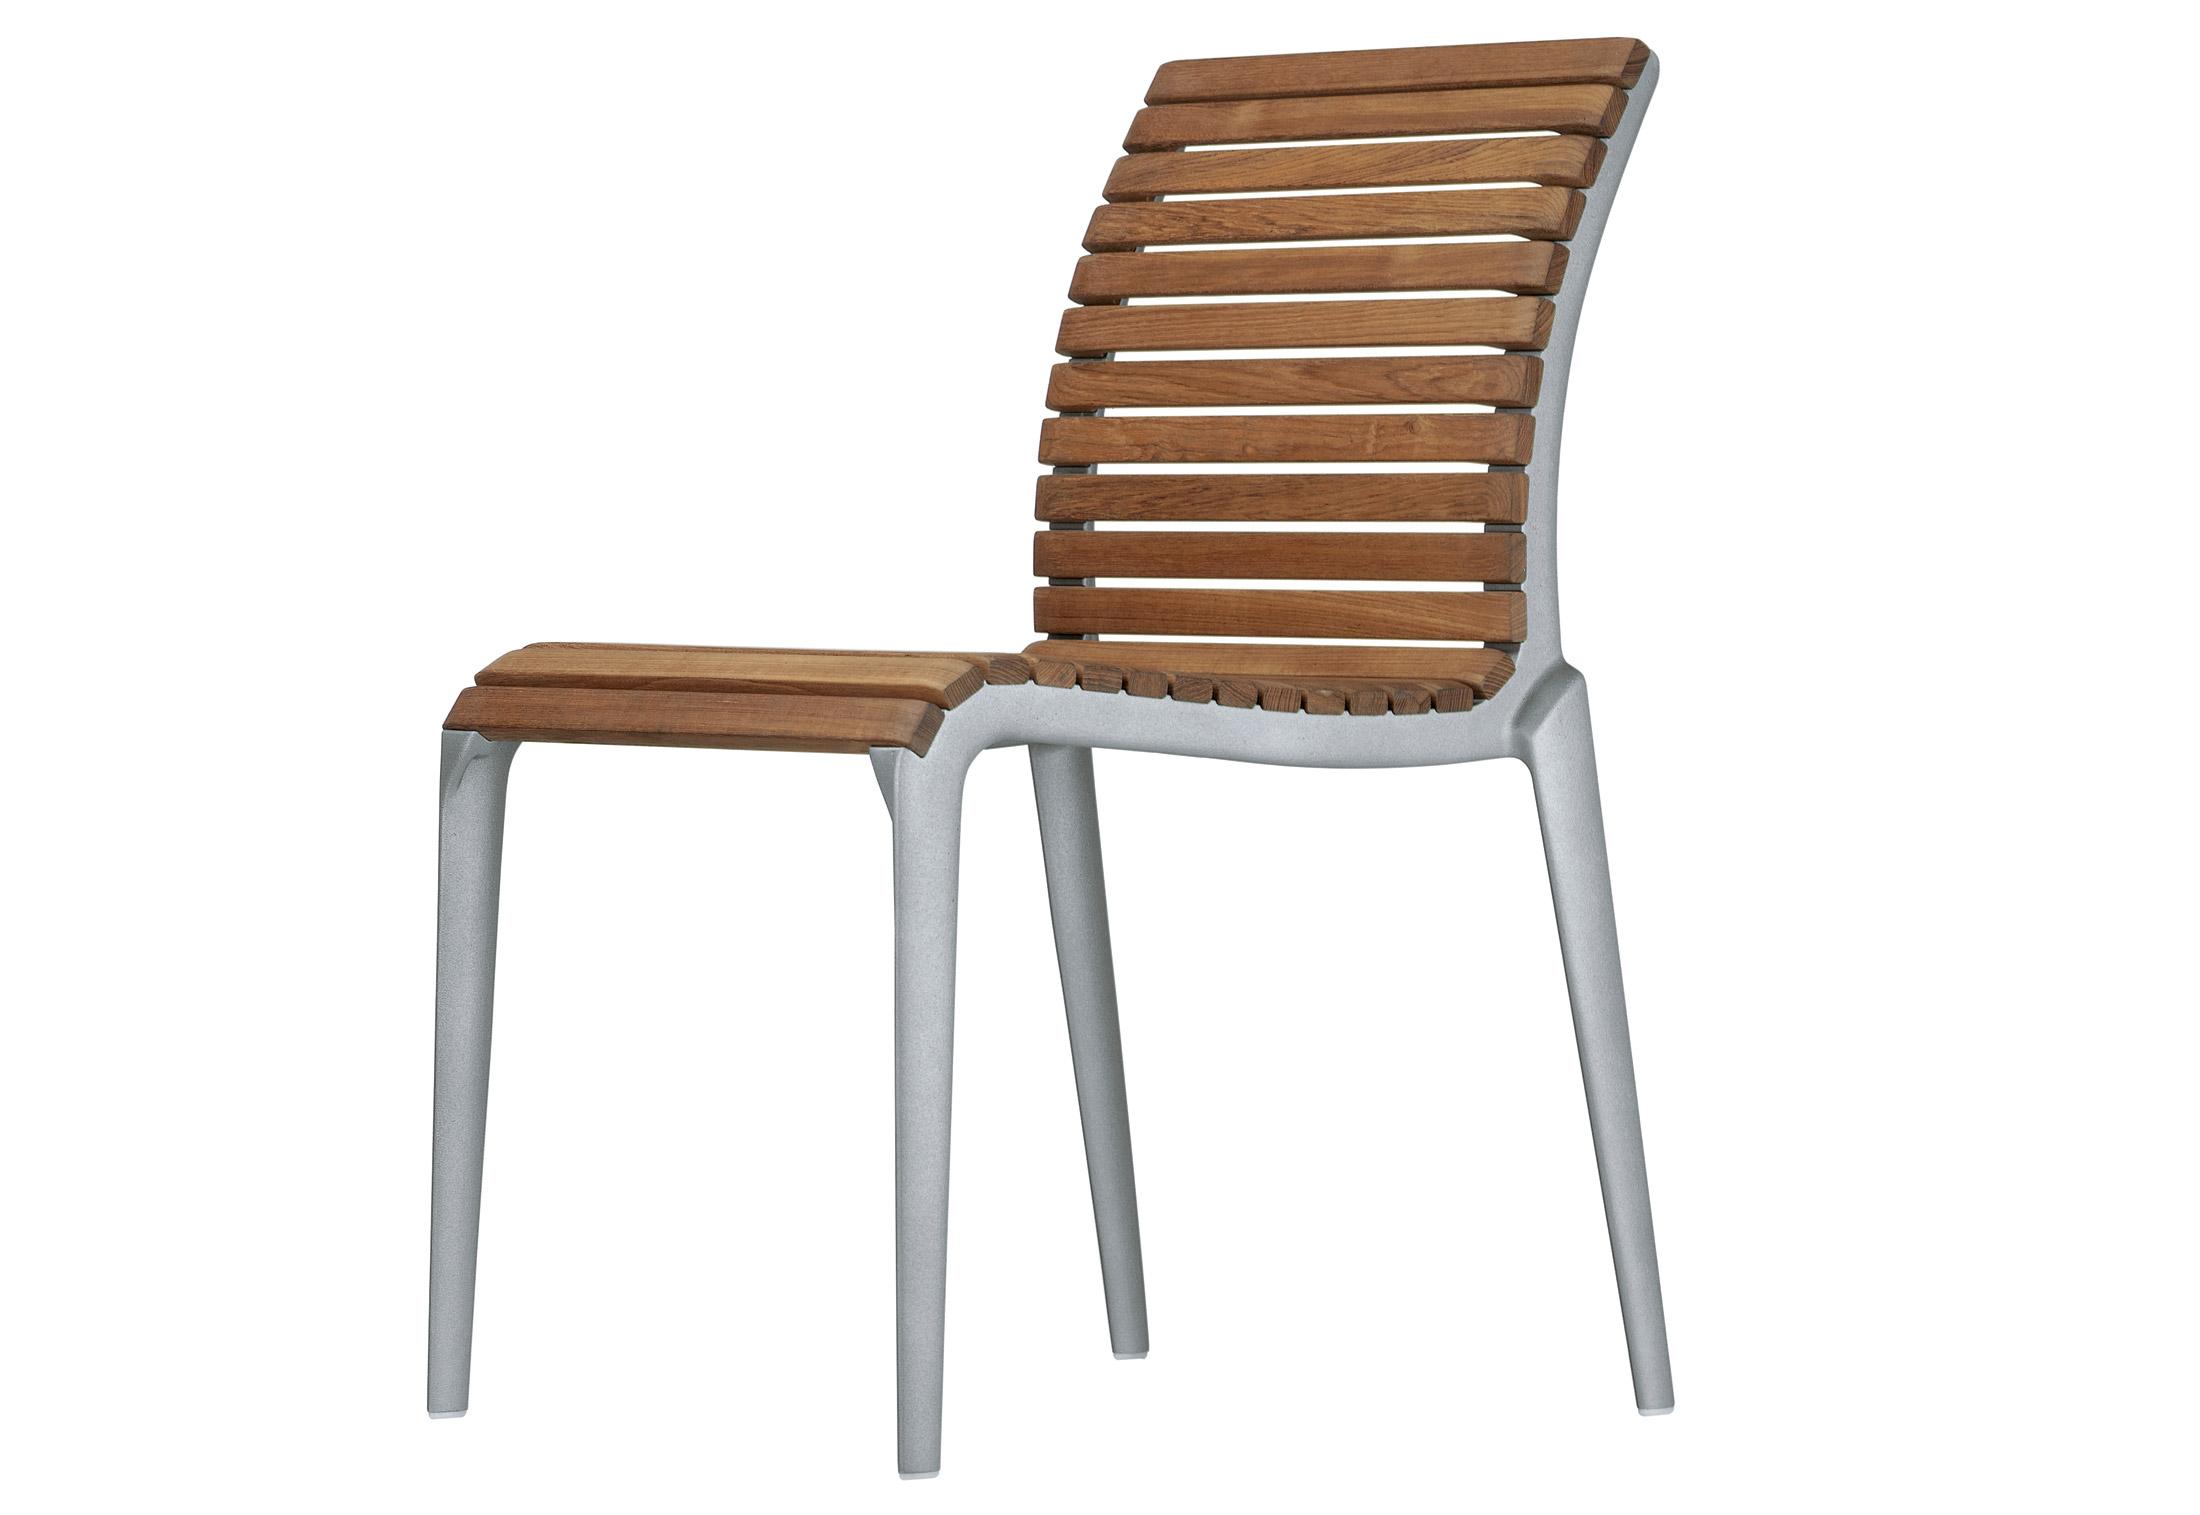 Teak Chair 475 · Teak Chair 475 ...